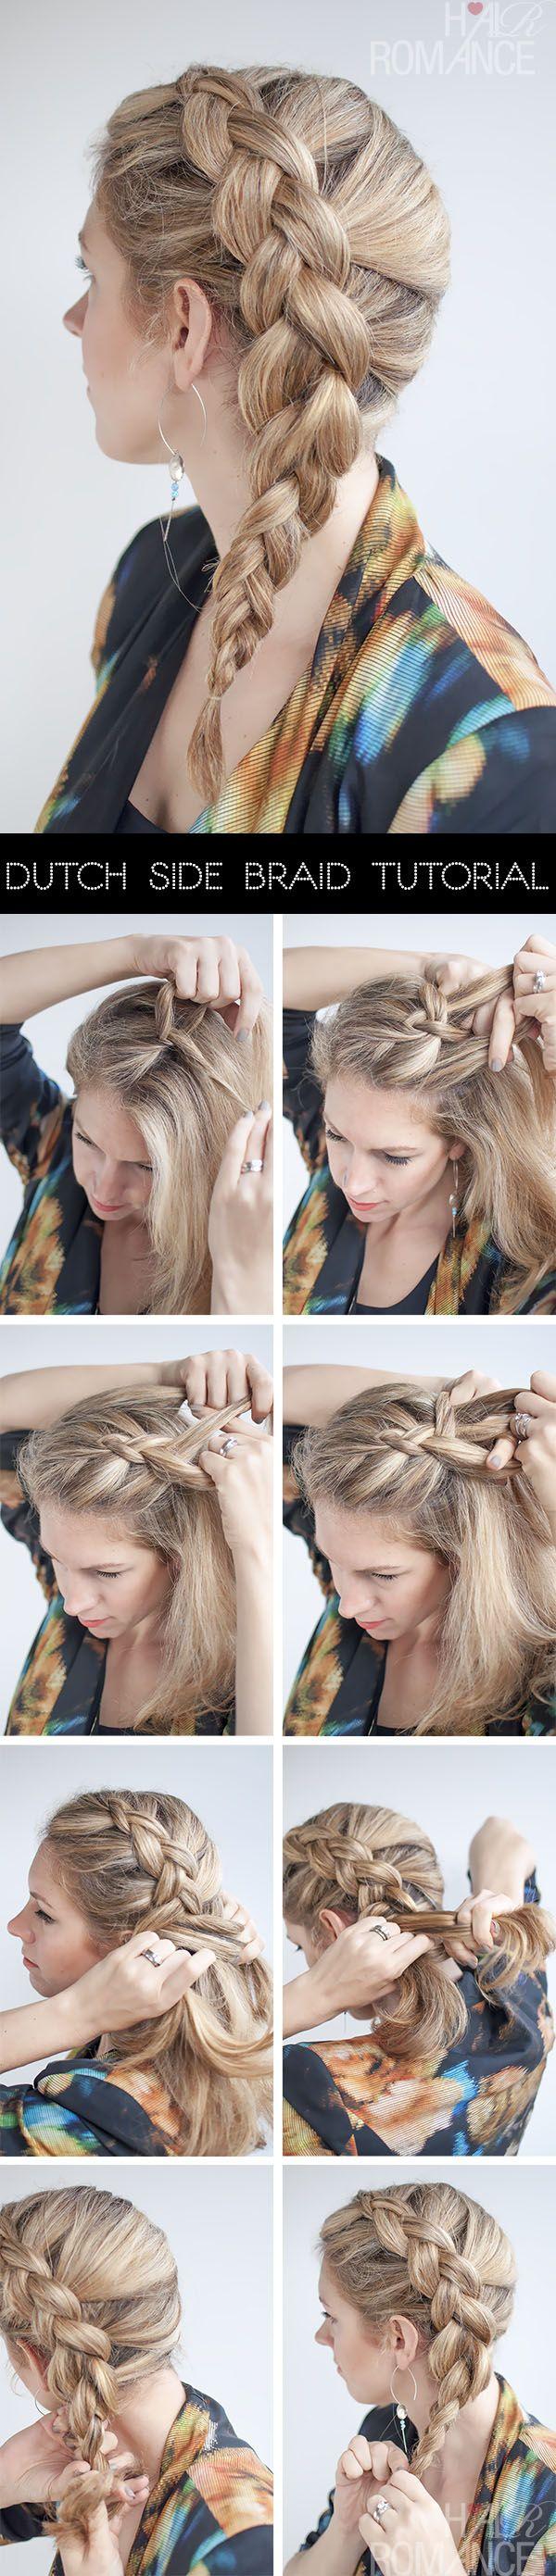 Obras de arte em seus cabelos.